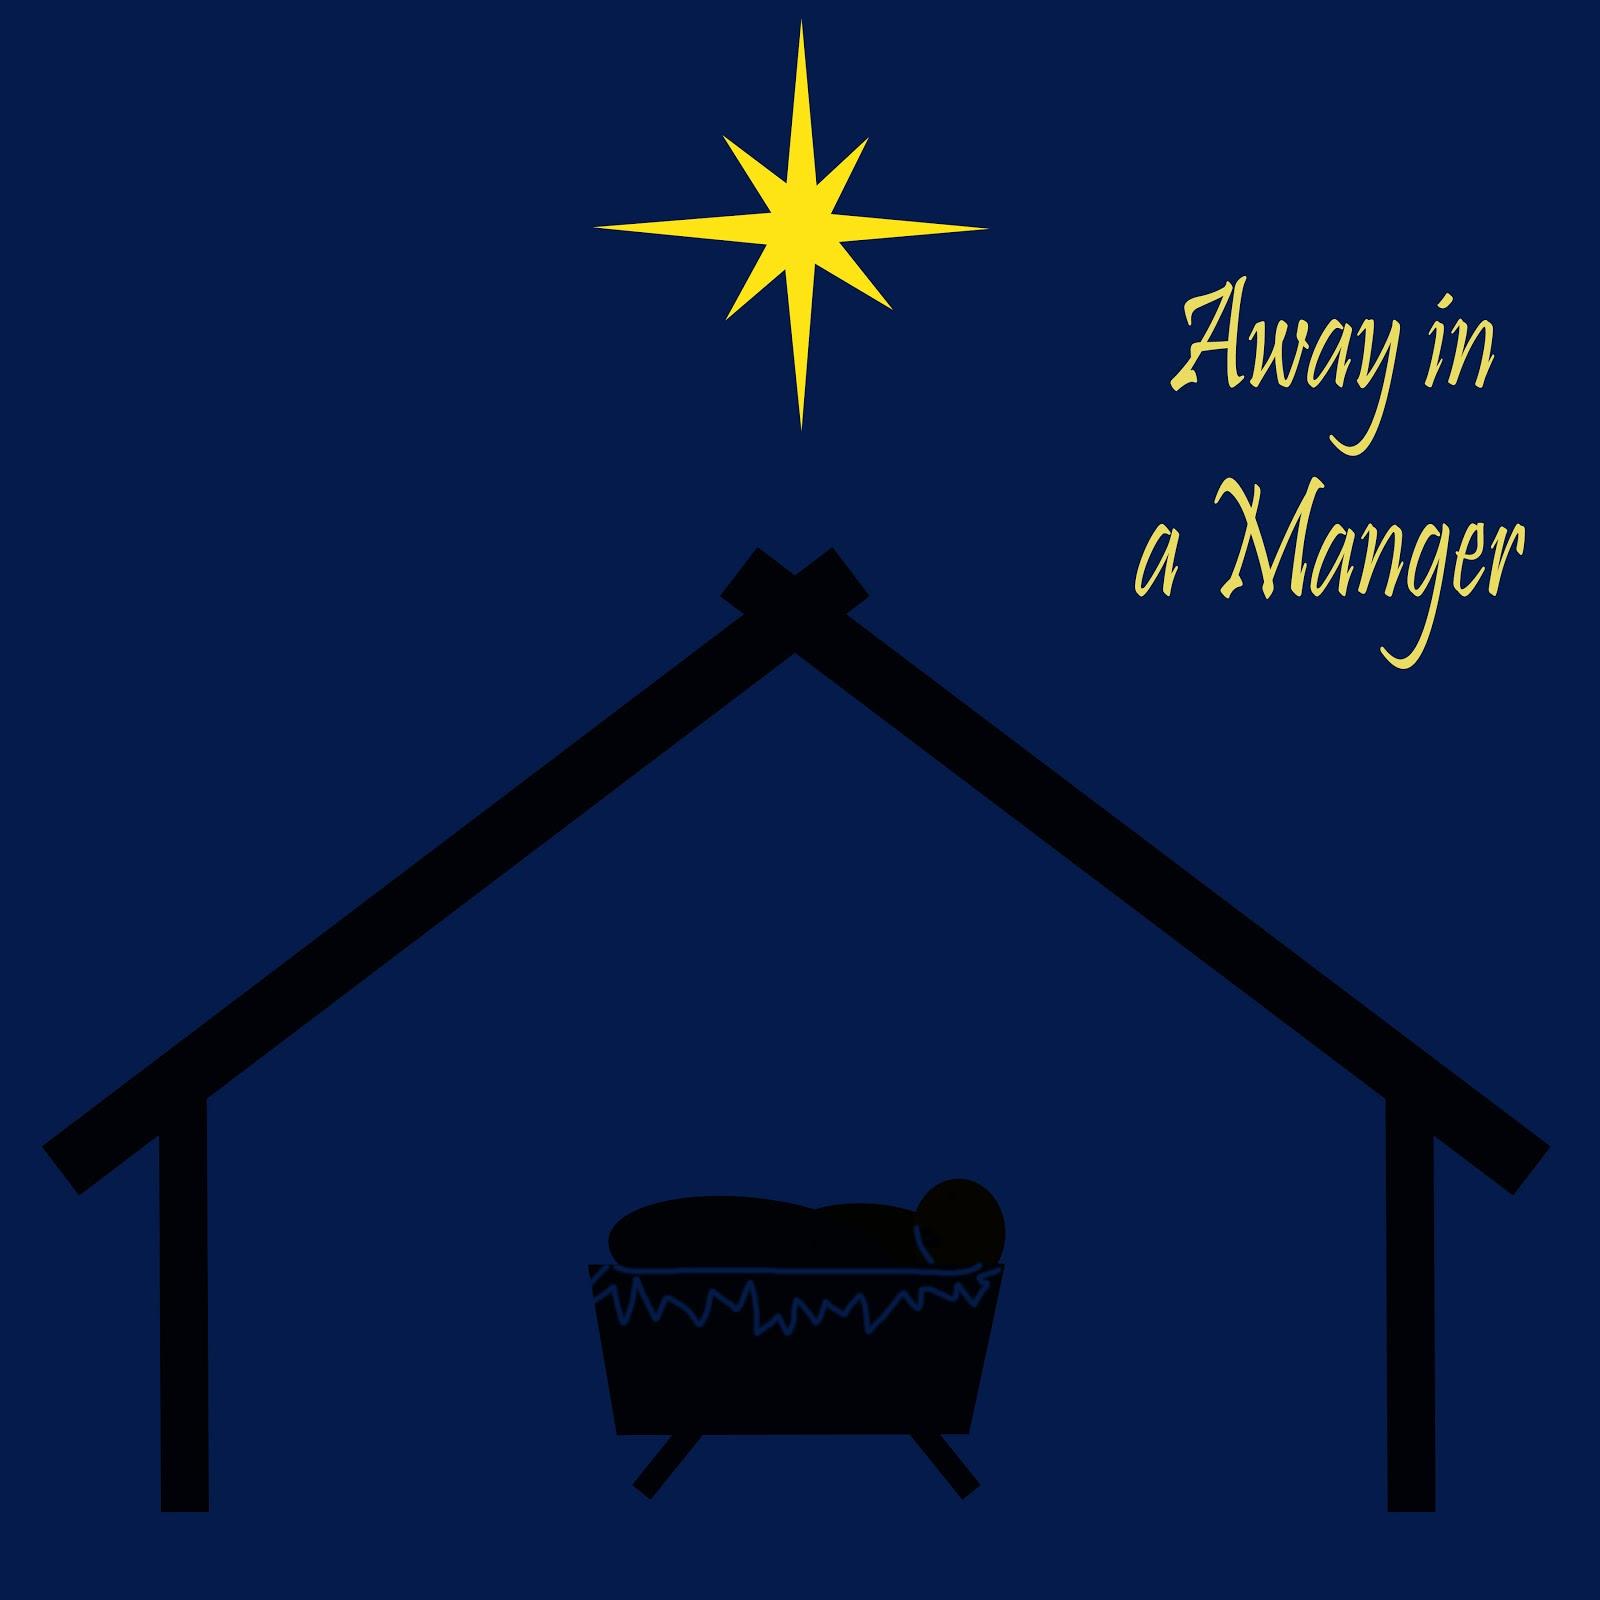 12 Days Til Christmas Printable Nativity Scene